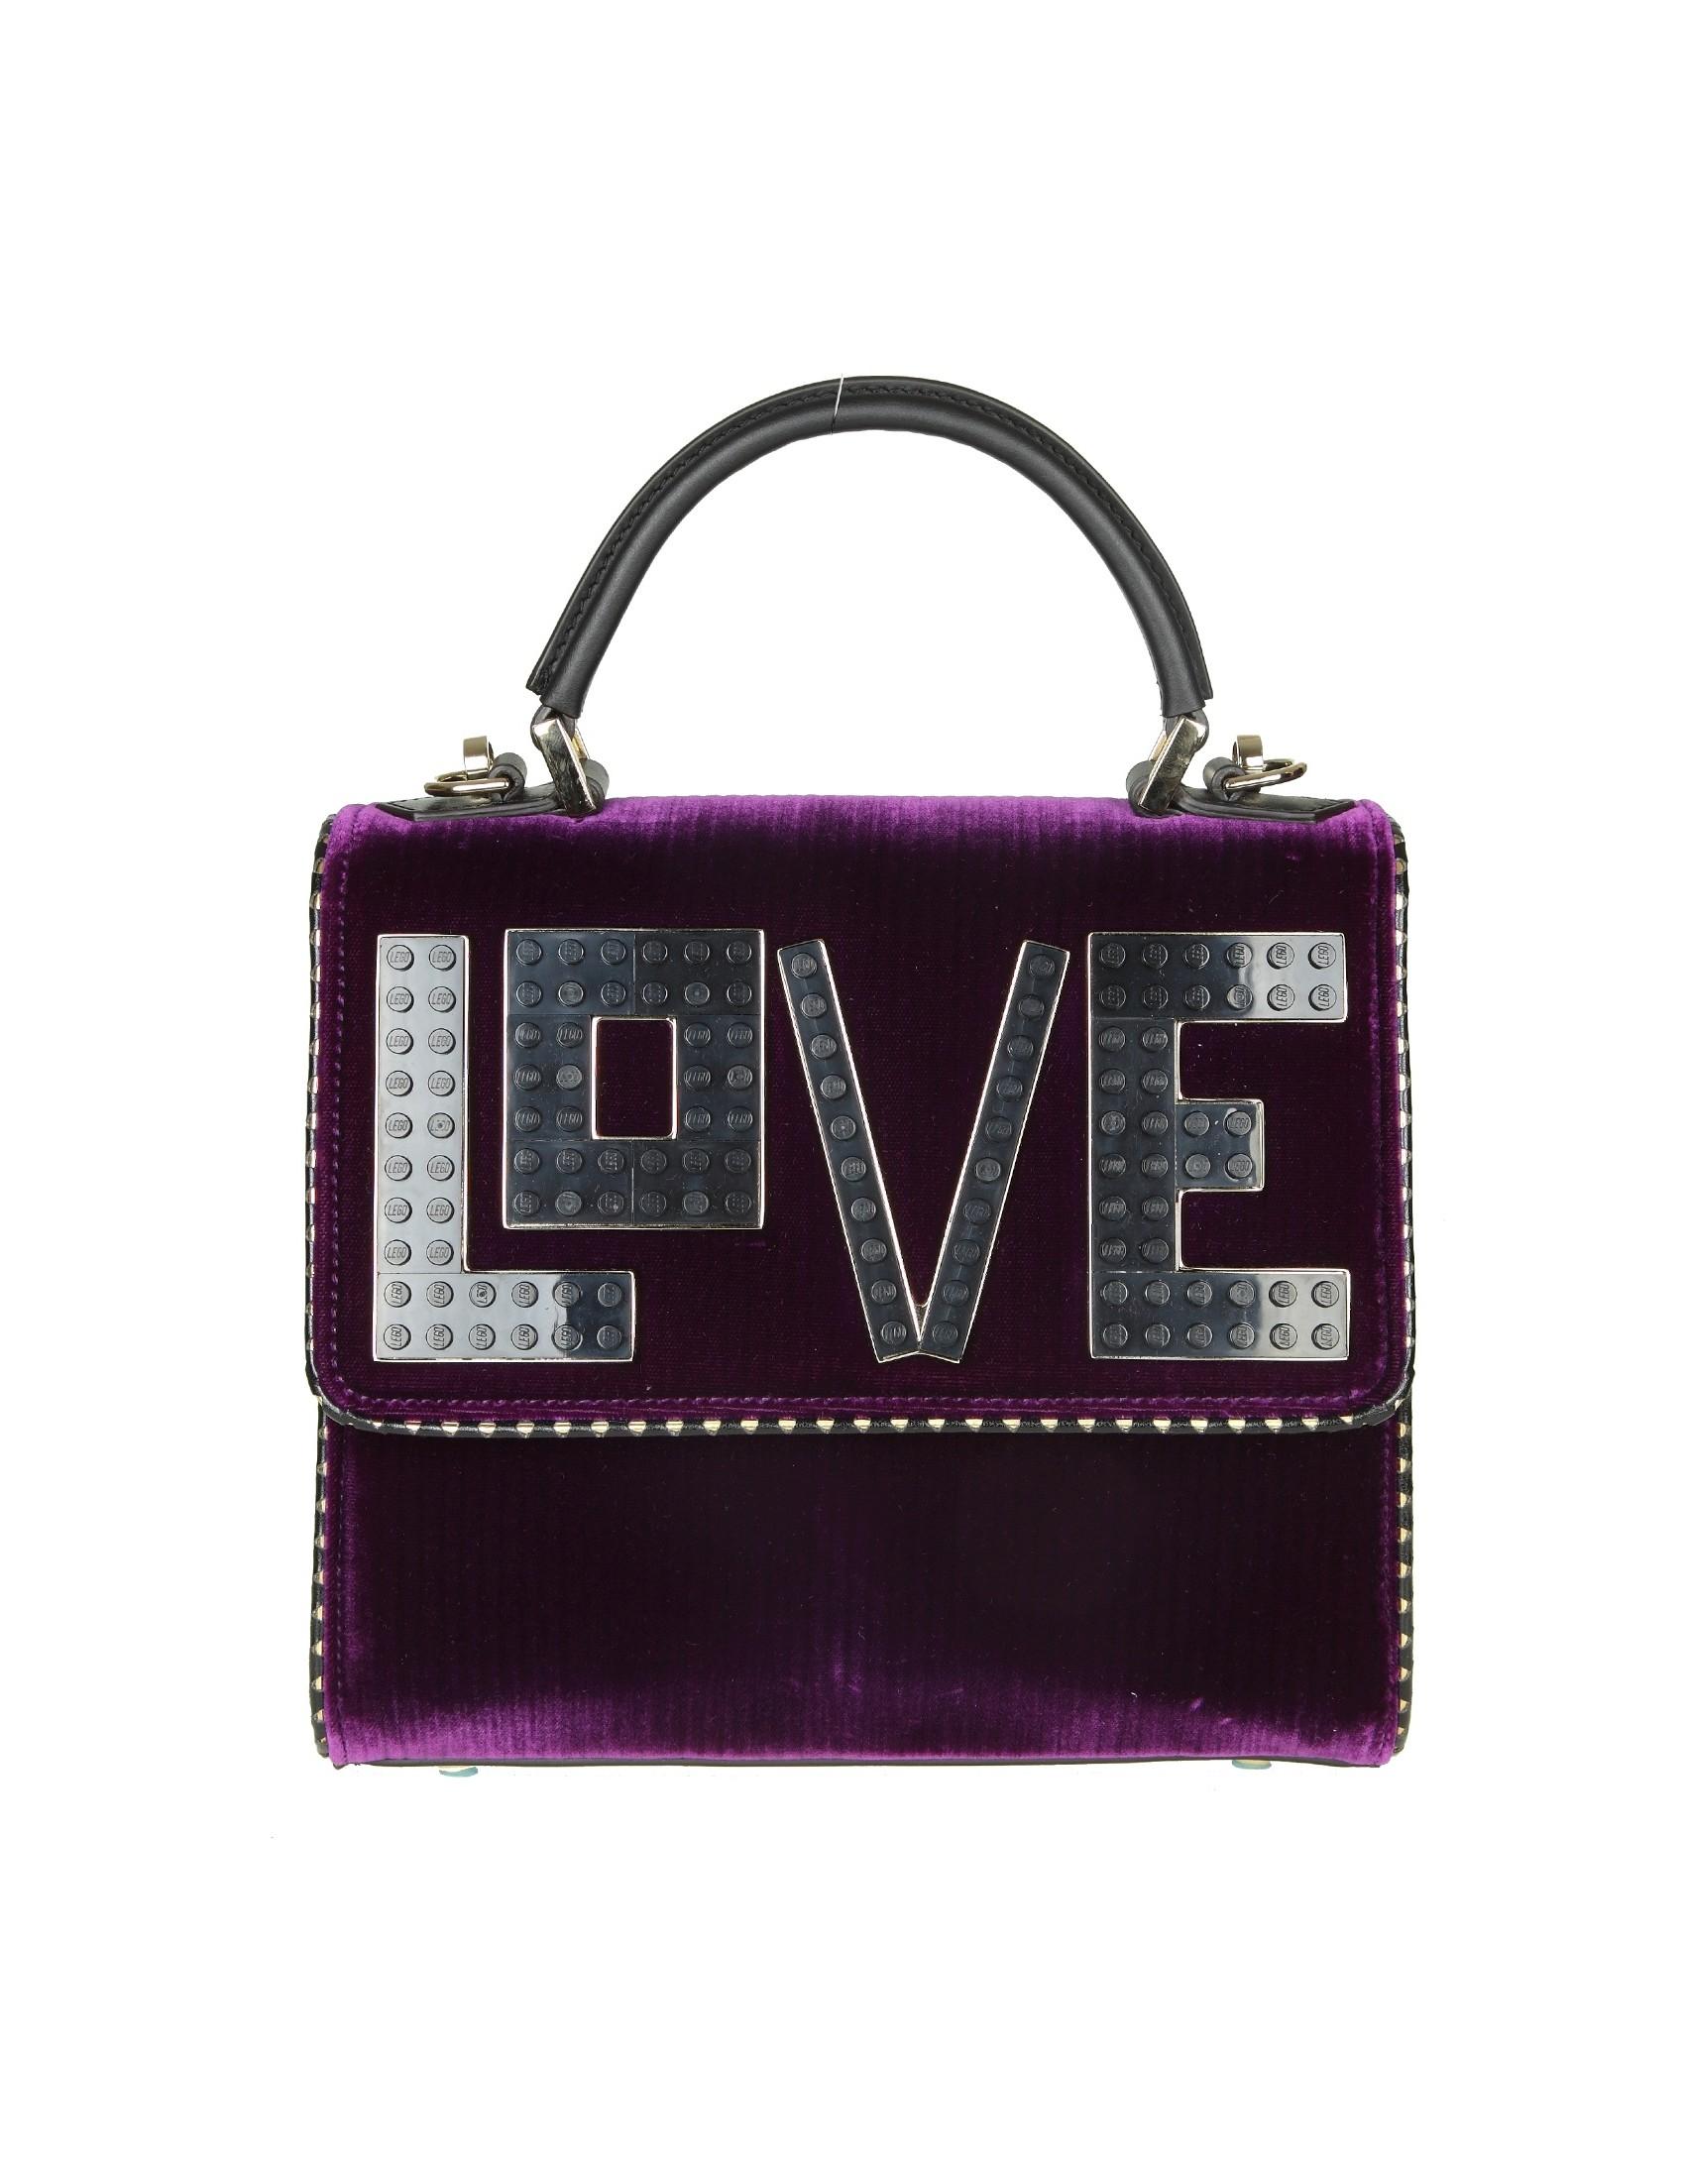 Les Petits Joueurs Les Petites Joueurs mini Alex Hand Bag In Velvet Violet Color Sale 100% Original 64ueaj6UV7